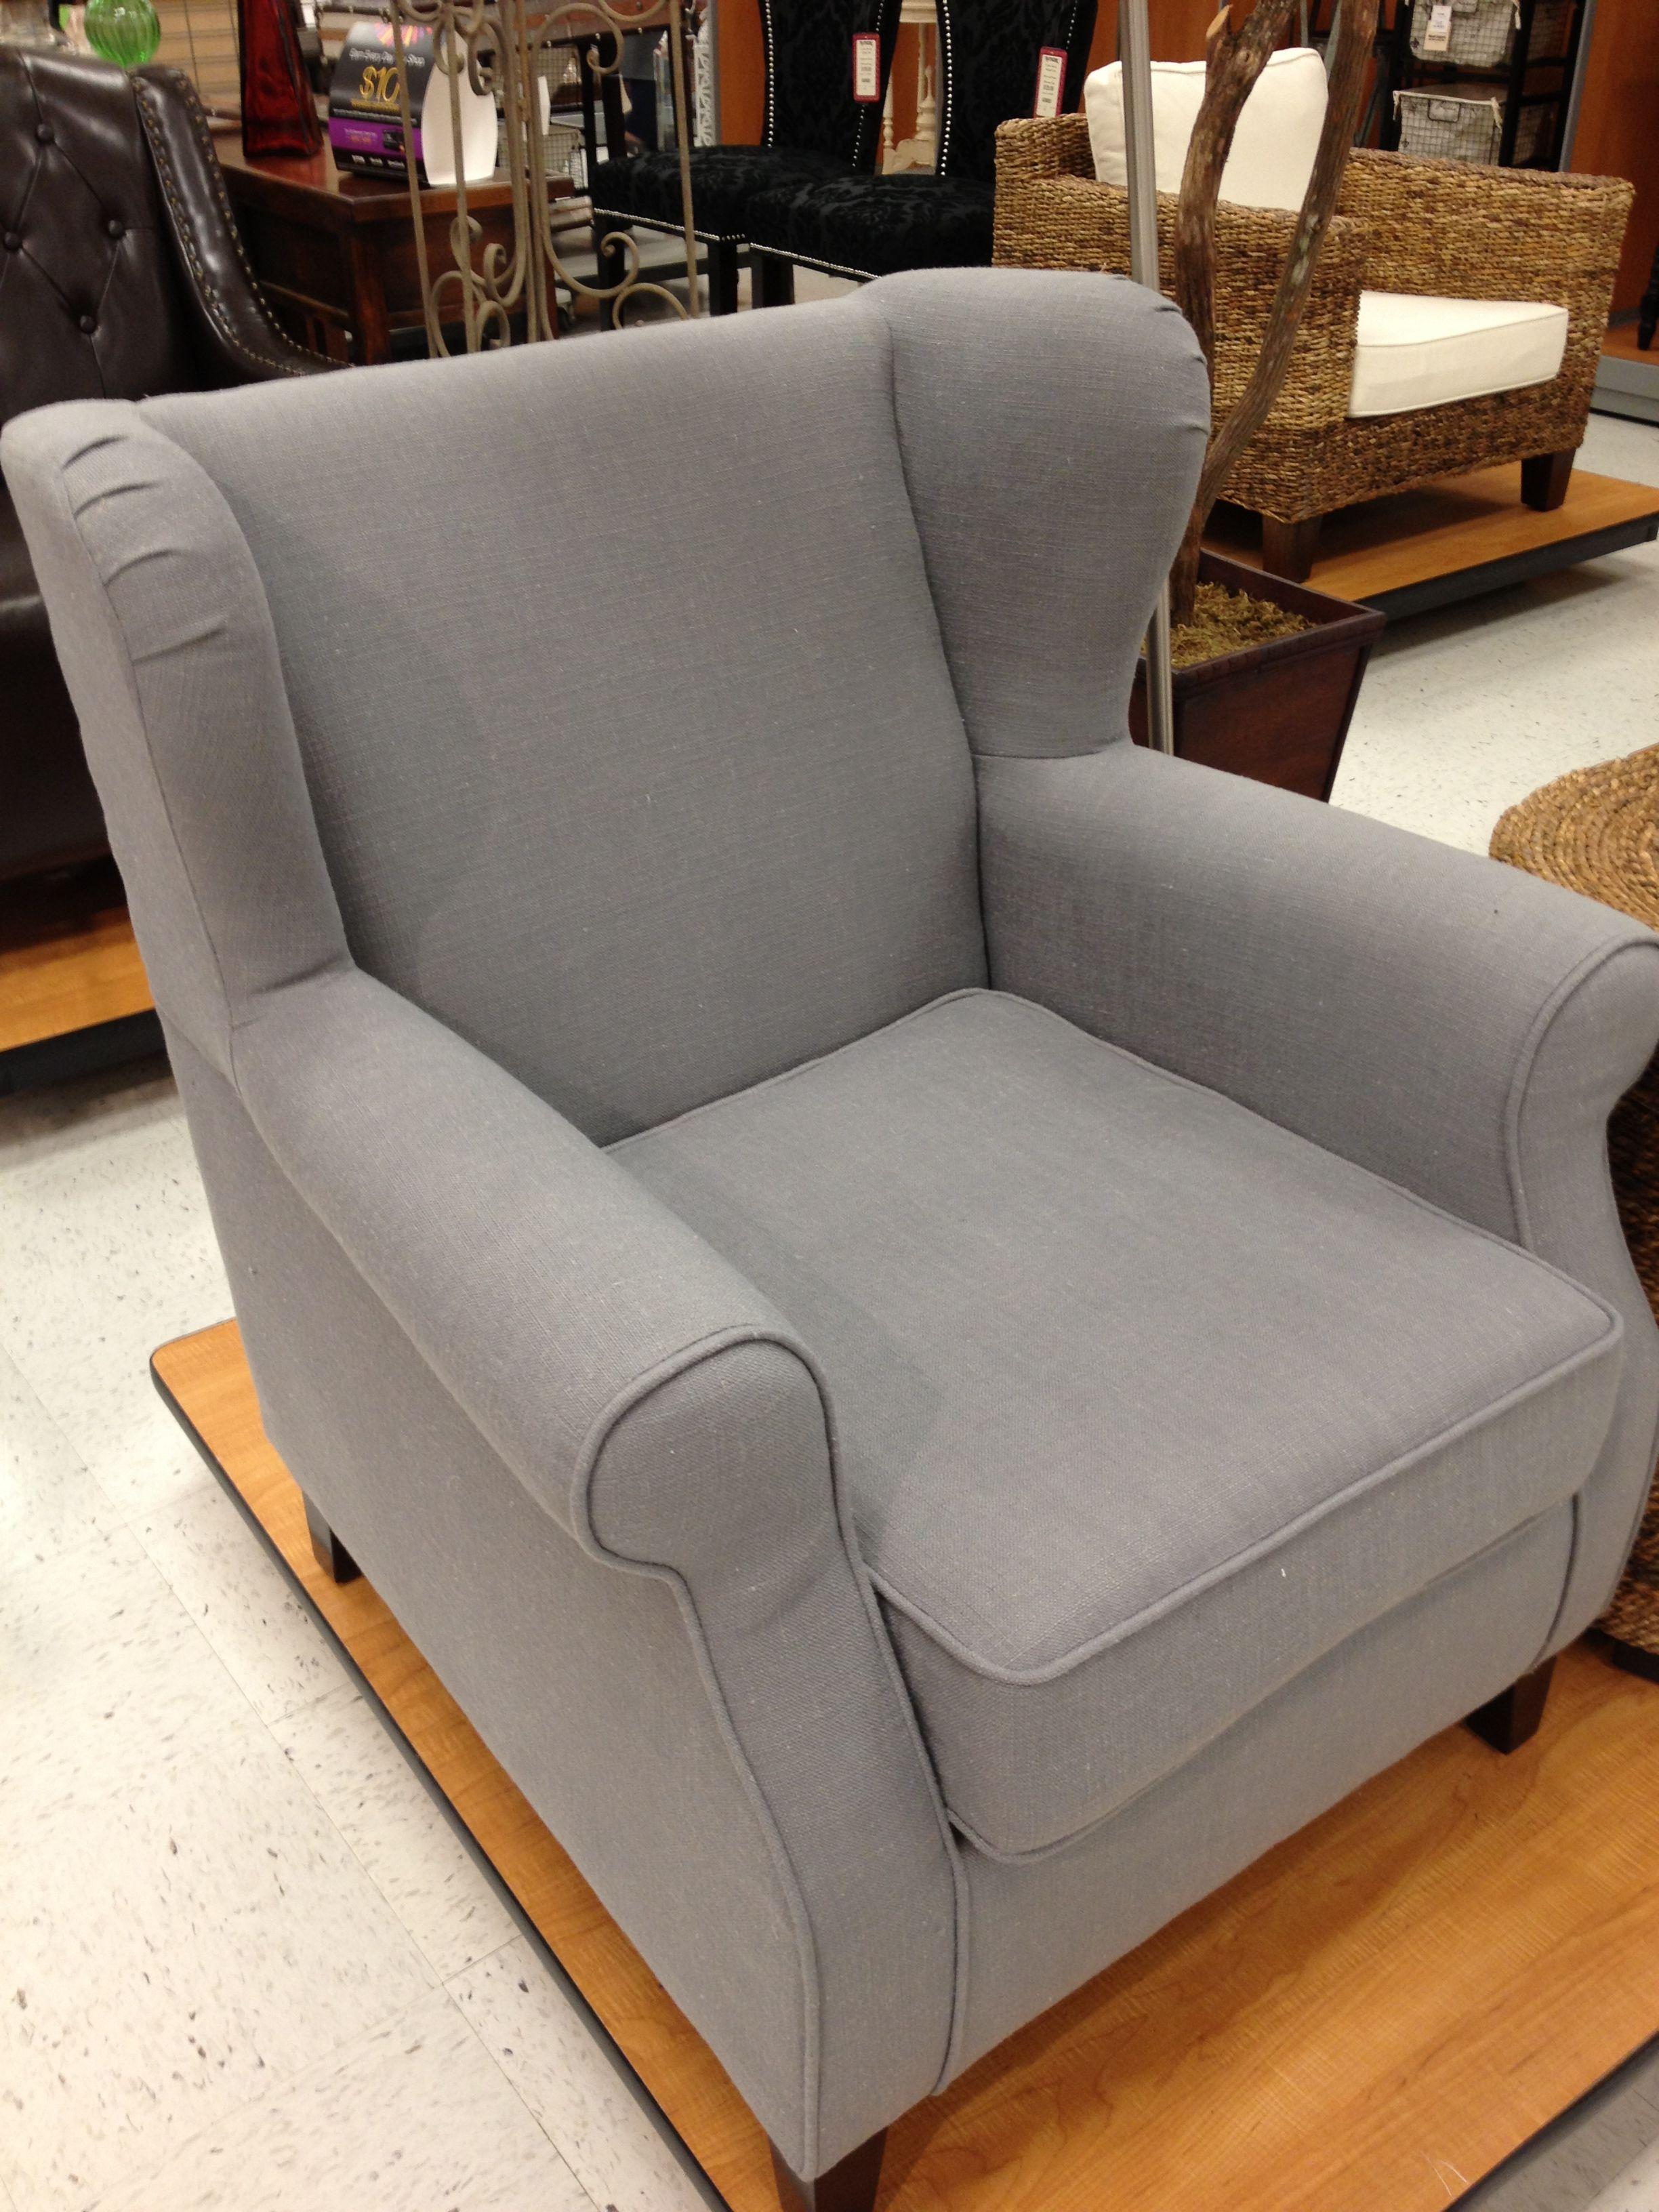 Gray Wingback Chair - TJ Maxx | Furniture | Pinterest ...